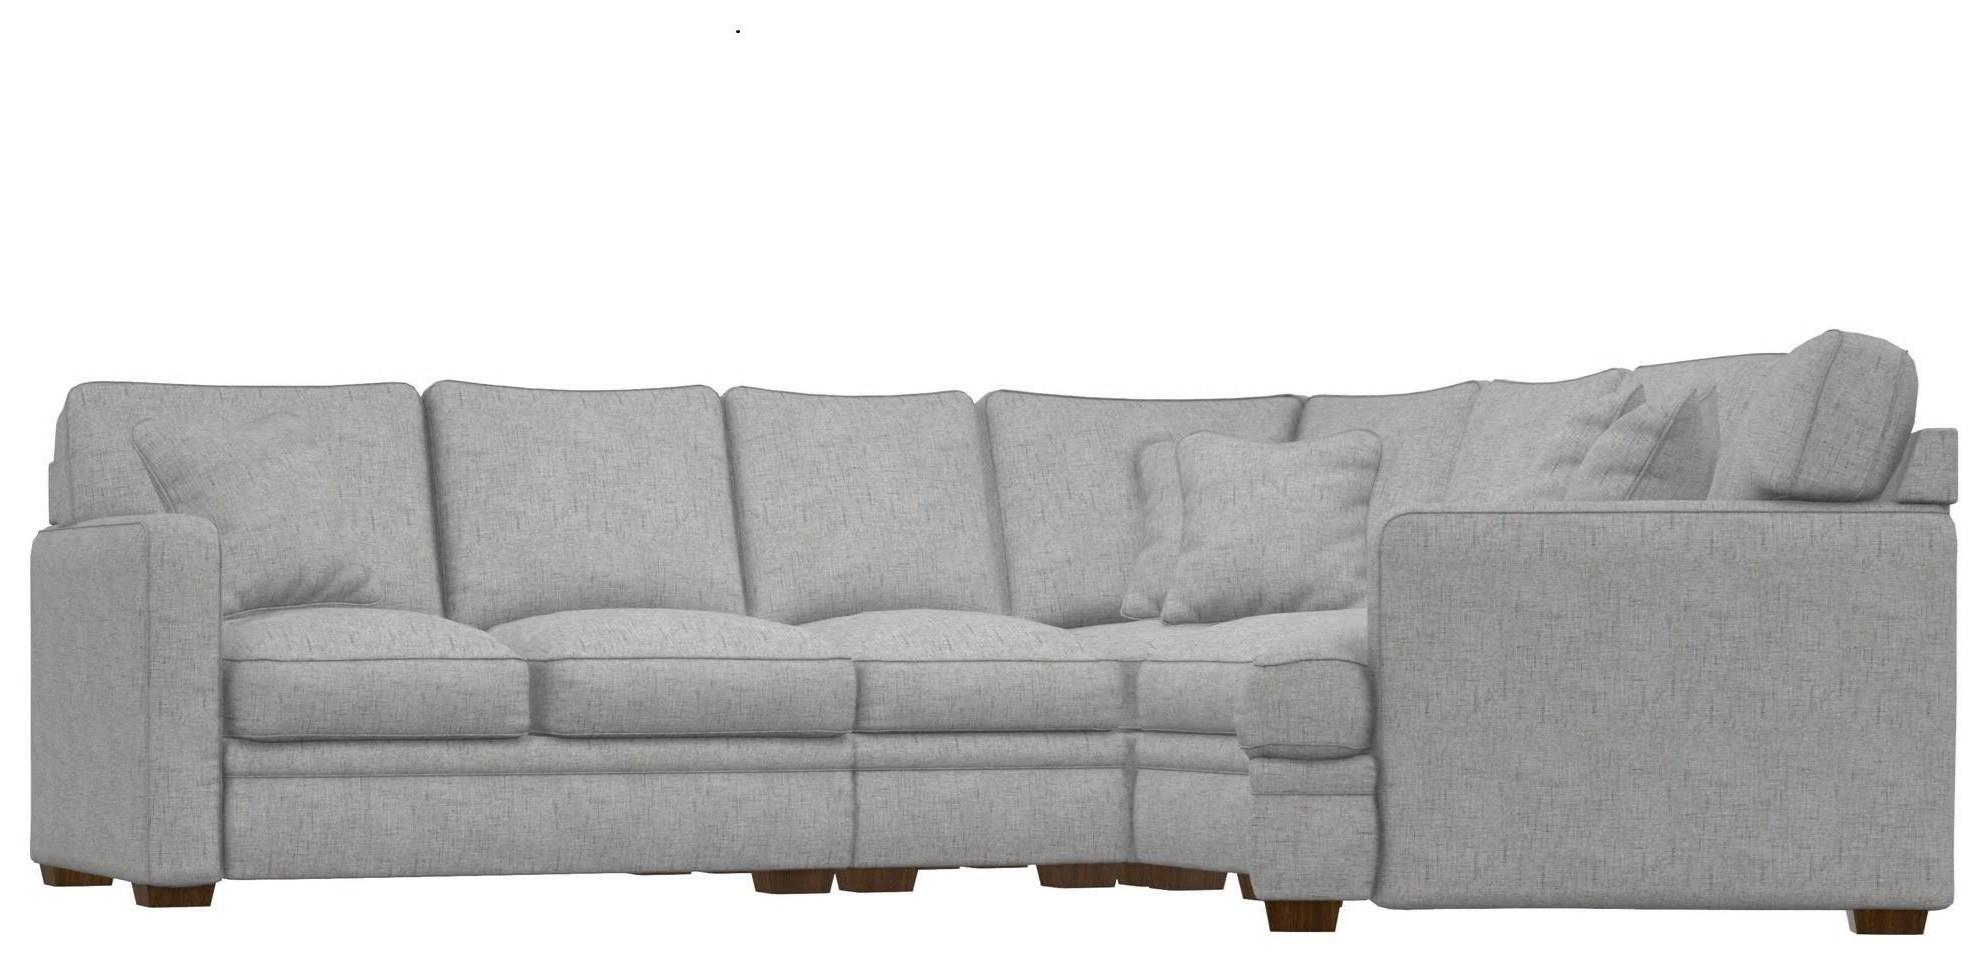 Meyer 5 Piece Sectional Sofa by La-Z-Boy at Johnny Janosik